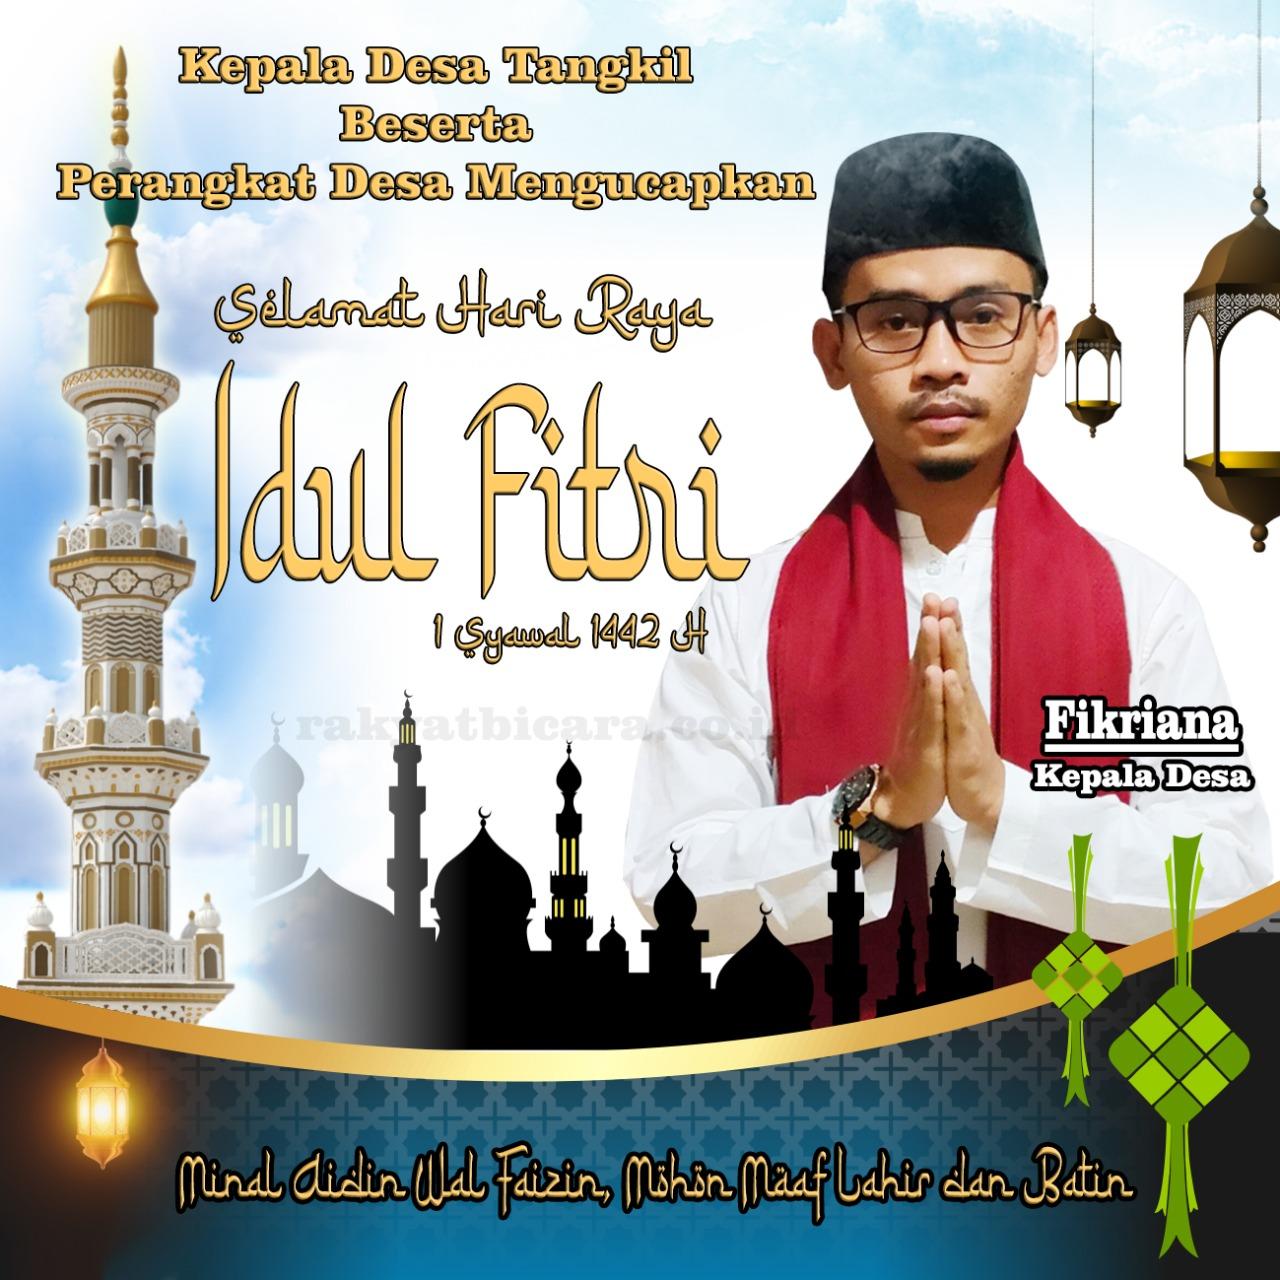 Kepala Desa Tangkil Beserta Perangkat Desa, Mengucapkan Selamat Hari Raya Idul Fitri 1 Syawal 1442 H